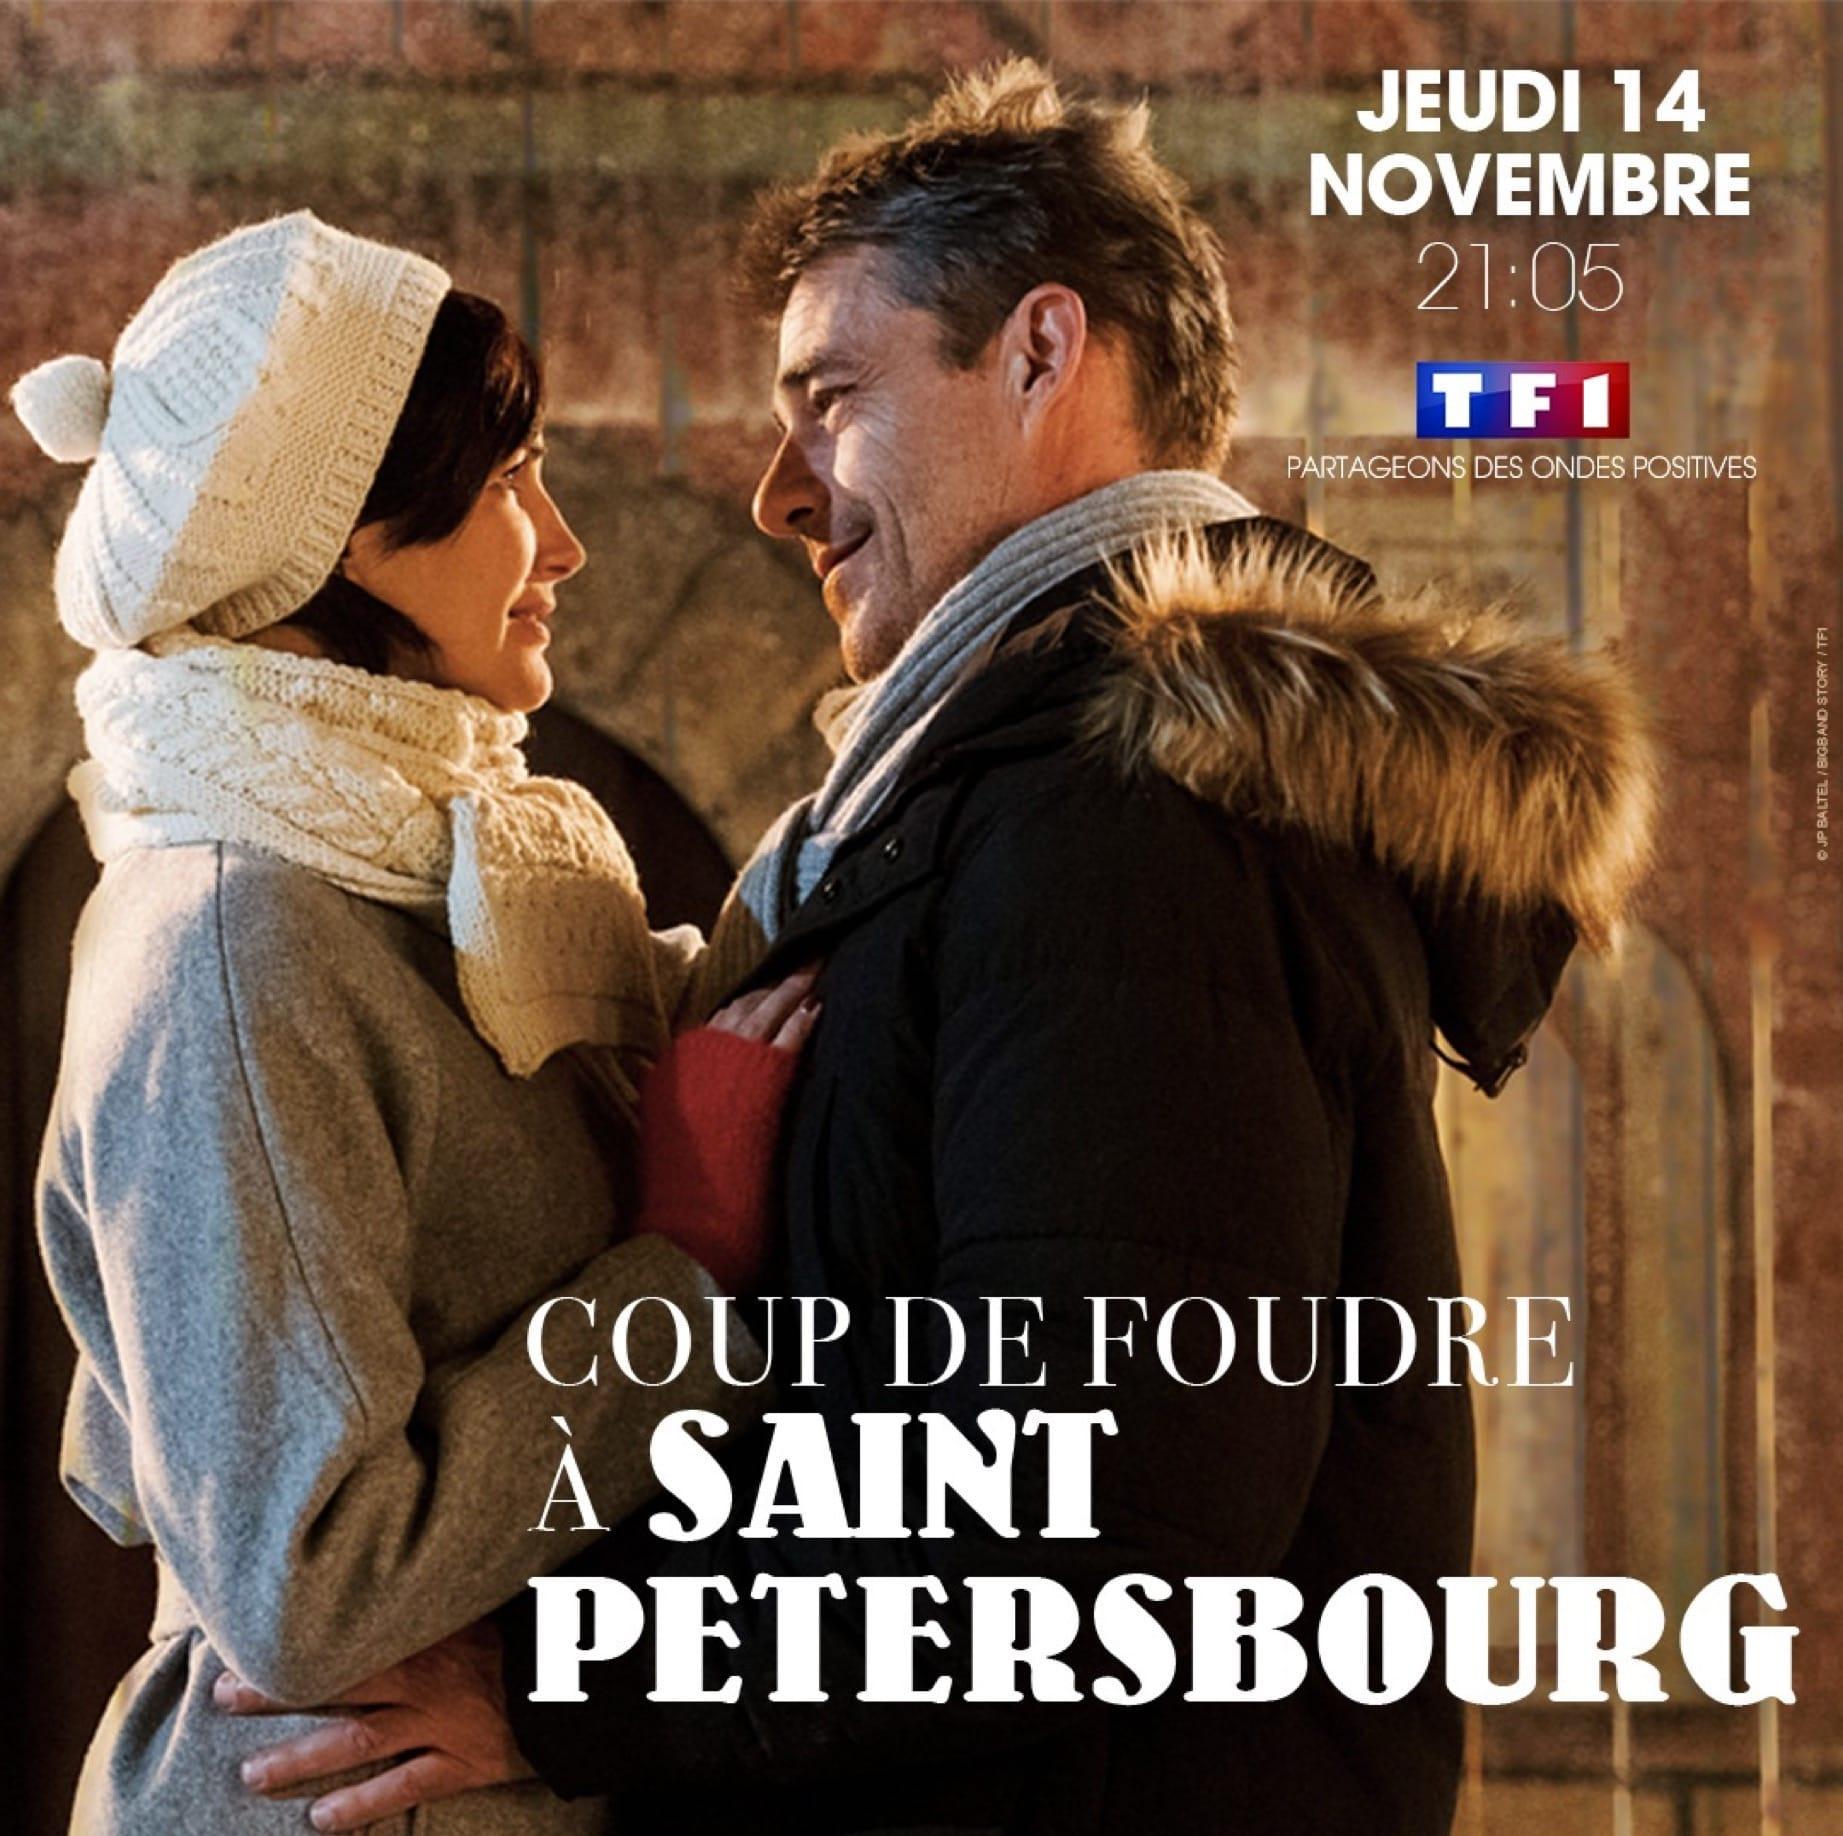 Coup de foudre à Saint-Pétersbourg de Christophe Douchand affiche téléfilm